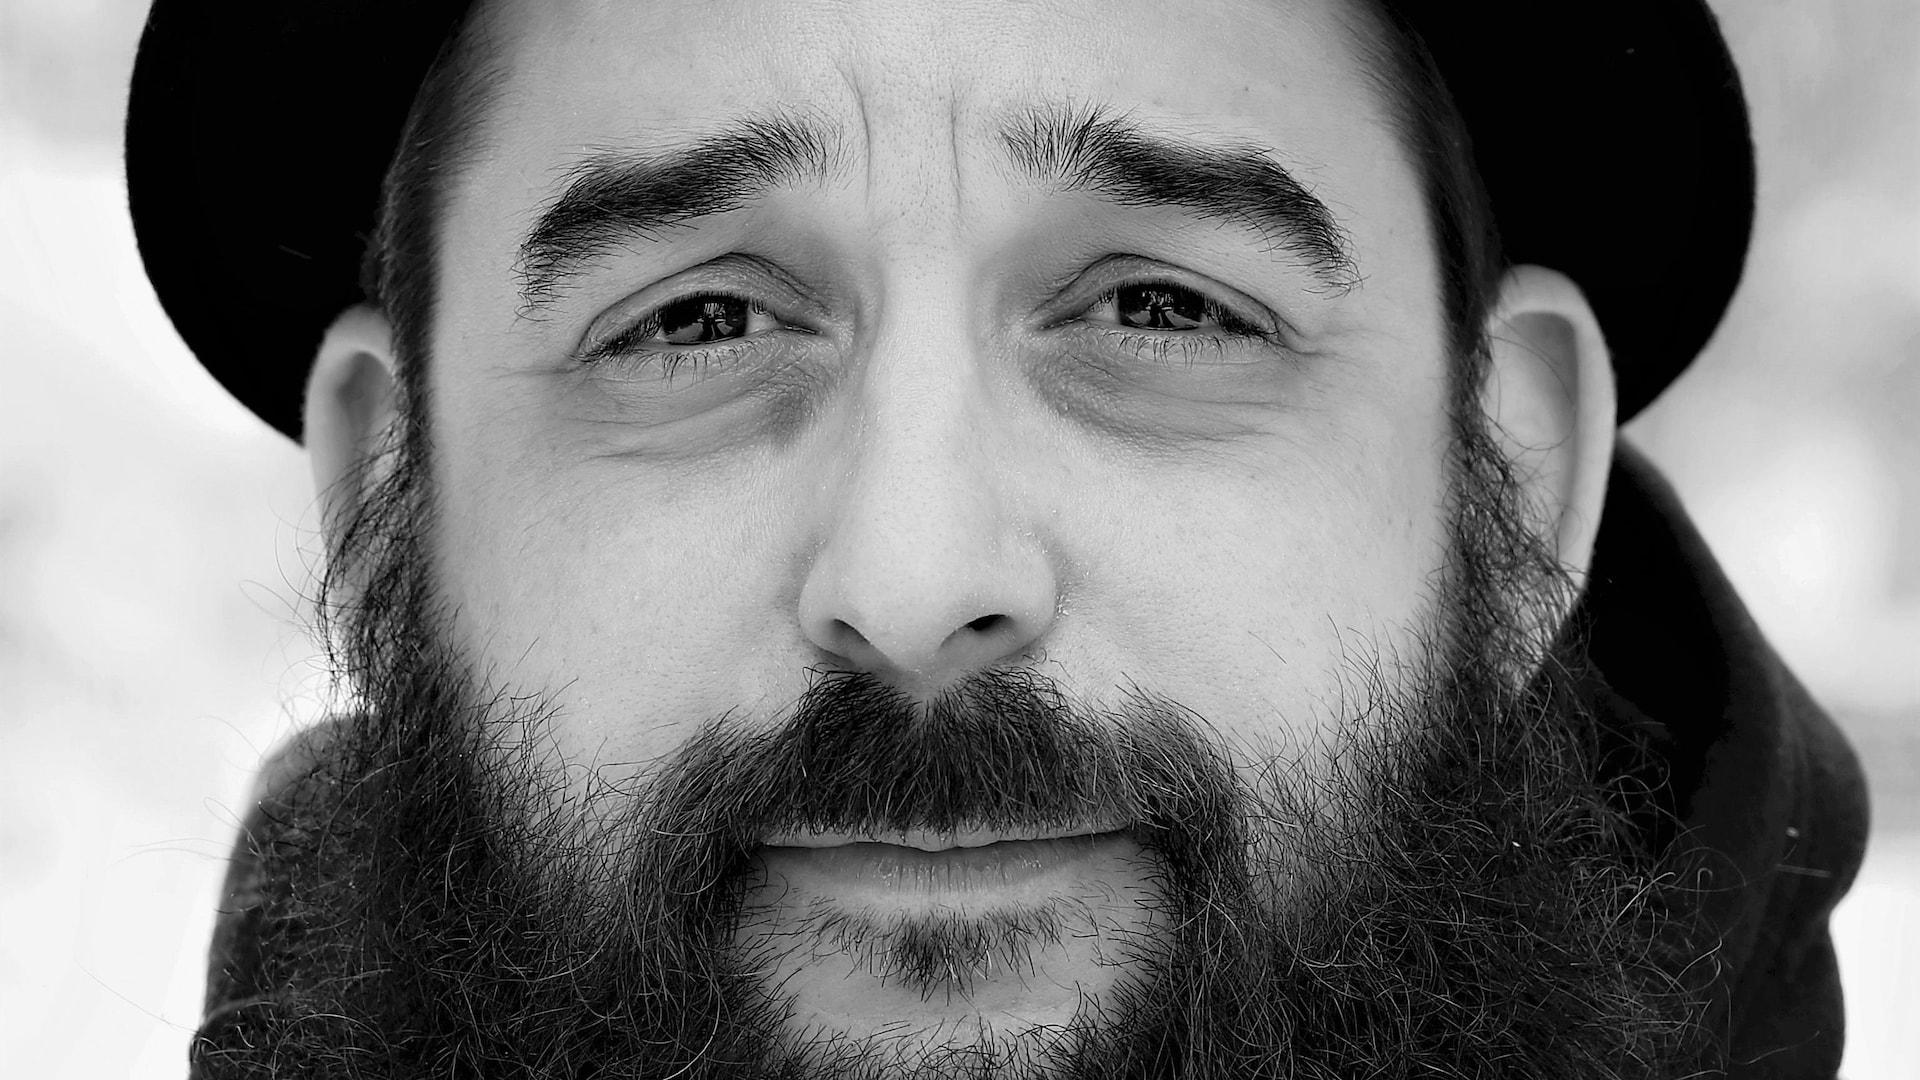 Portrait en noir et blanc, extérieur, de l'auteur Mathieu Blais. L'homme porte une barbe fournie et un chapeau. Il regarde la caméra, le front plissé.